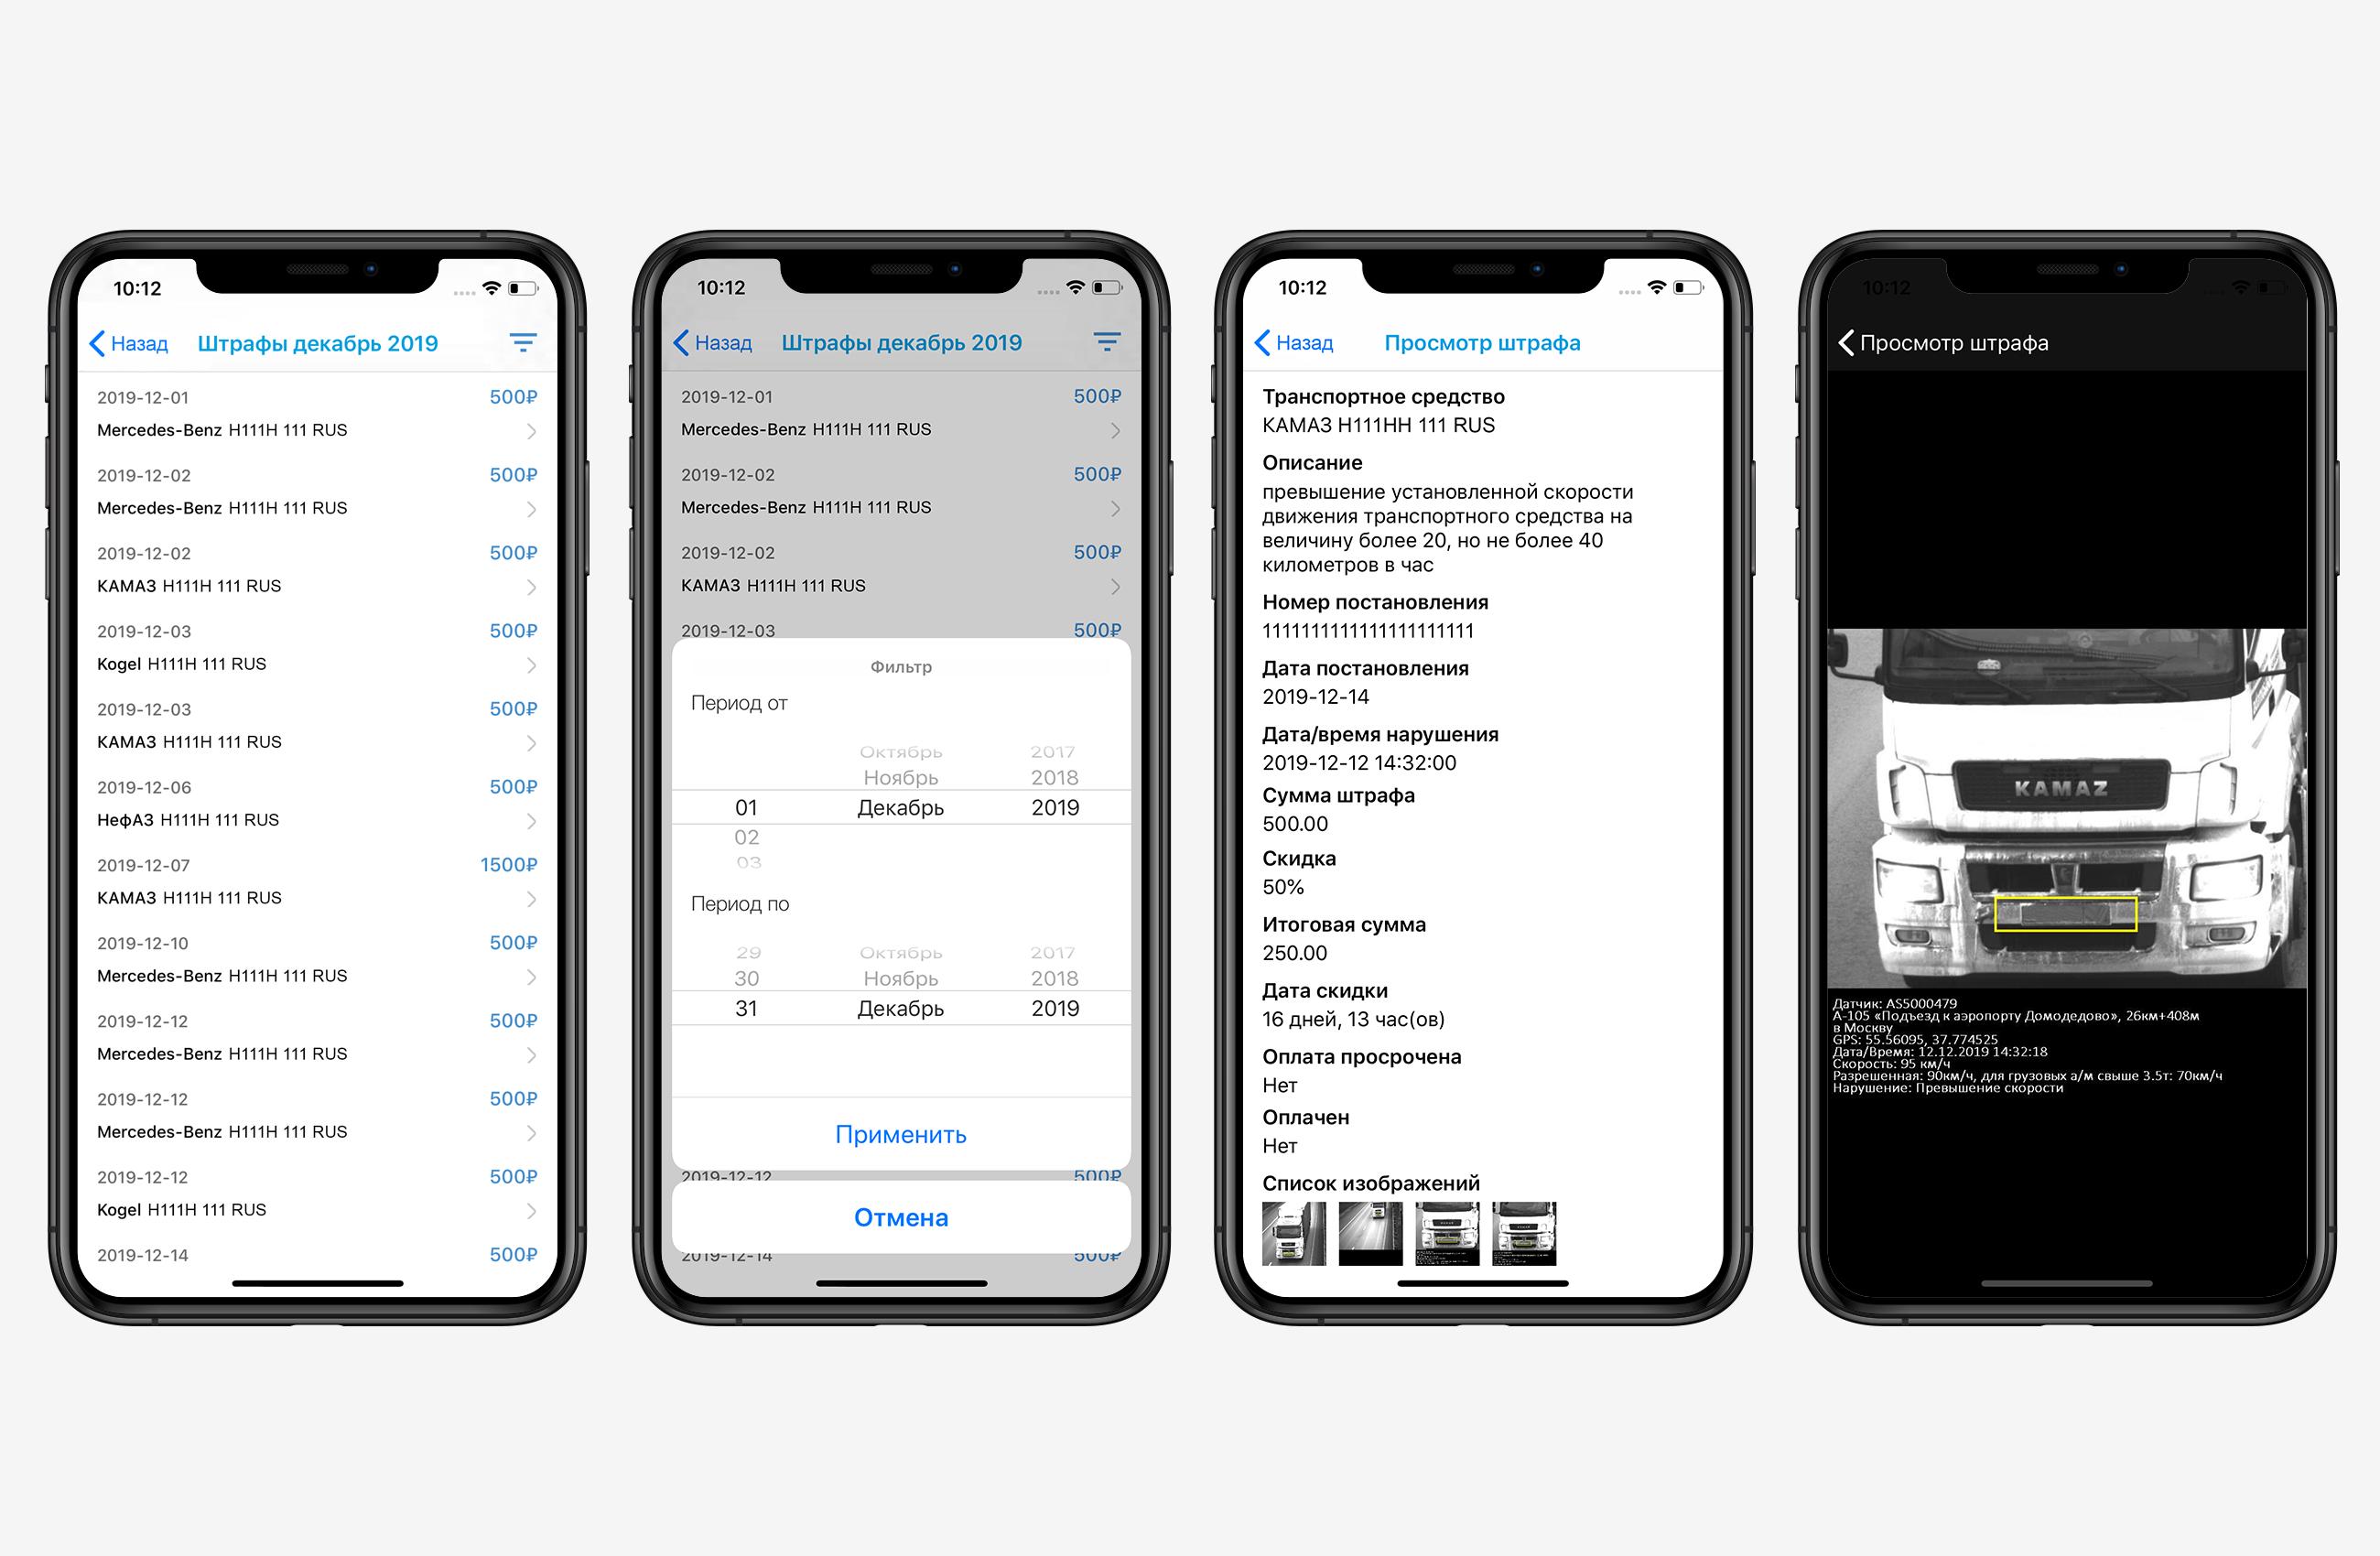 Интерфейс проверки штрафов в MTS App для iOS